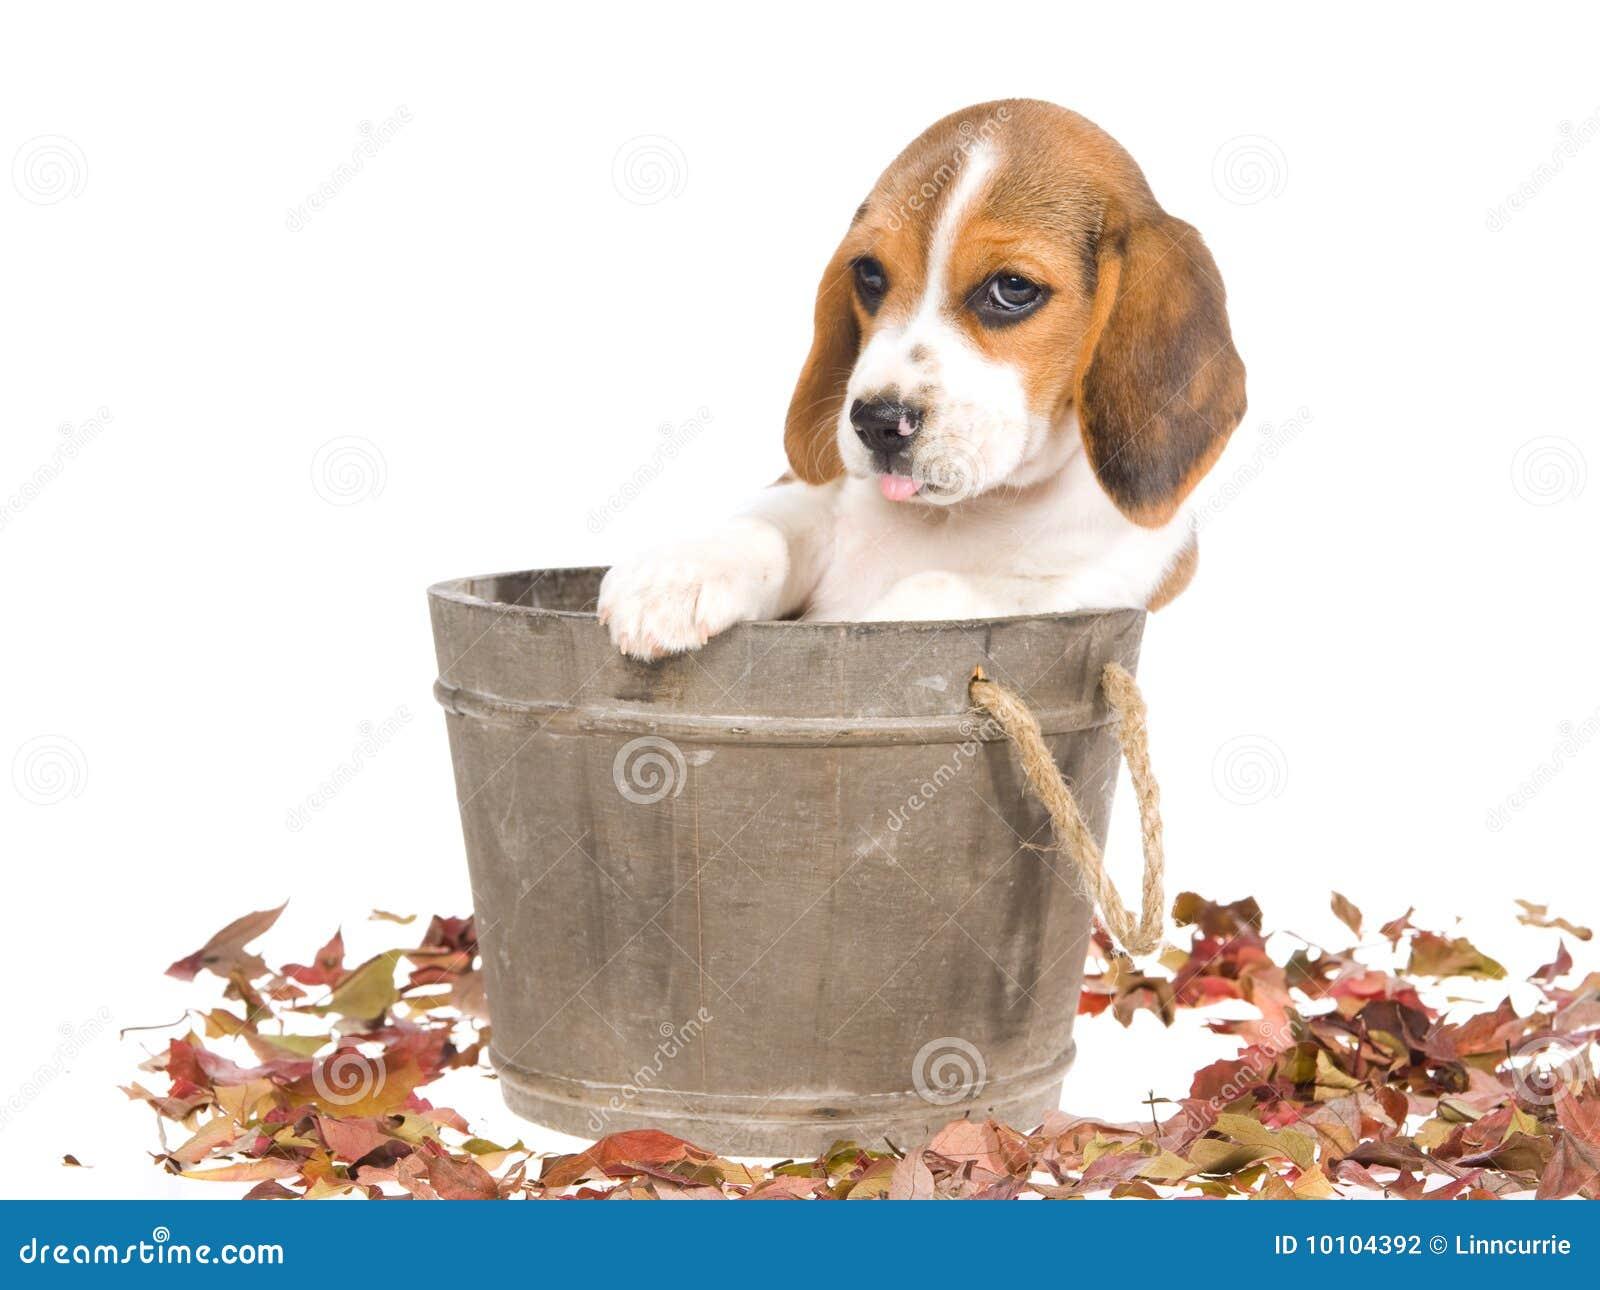 Filhote de cachorro do lebreiro na cuba de madeira